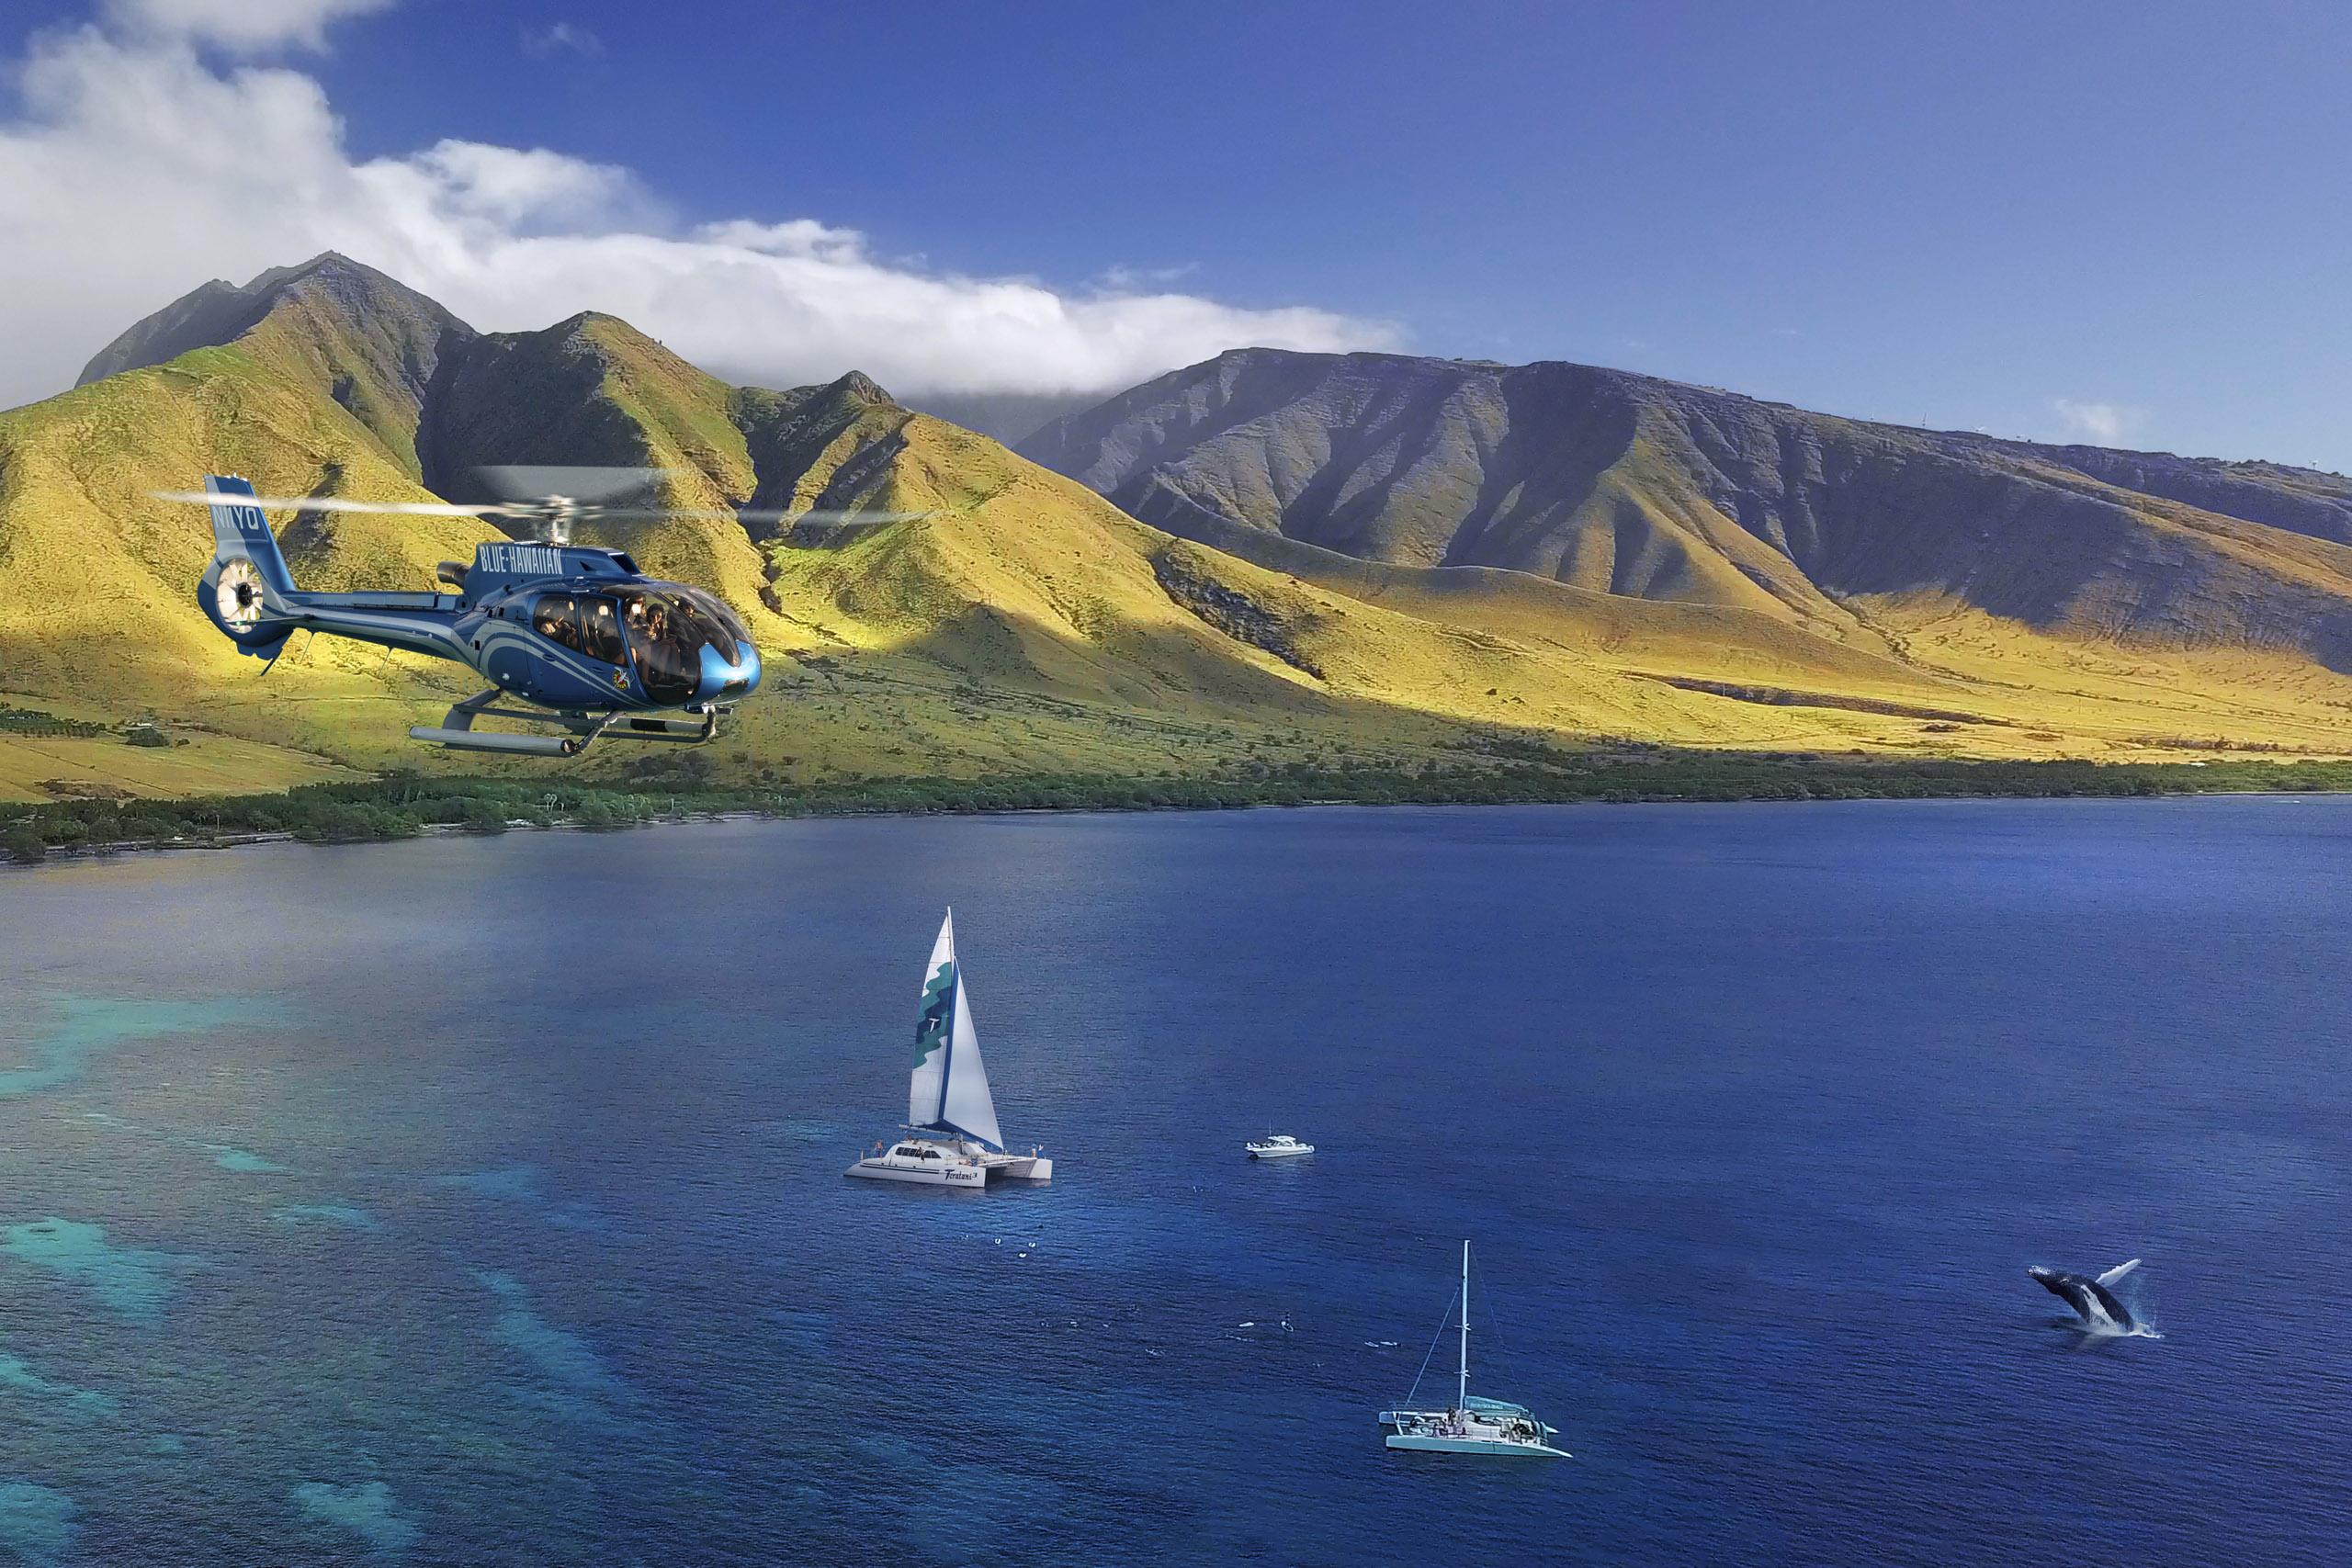 Heli-Whale Experience Maui image 1